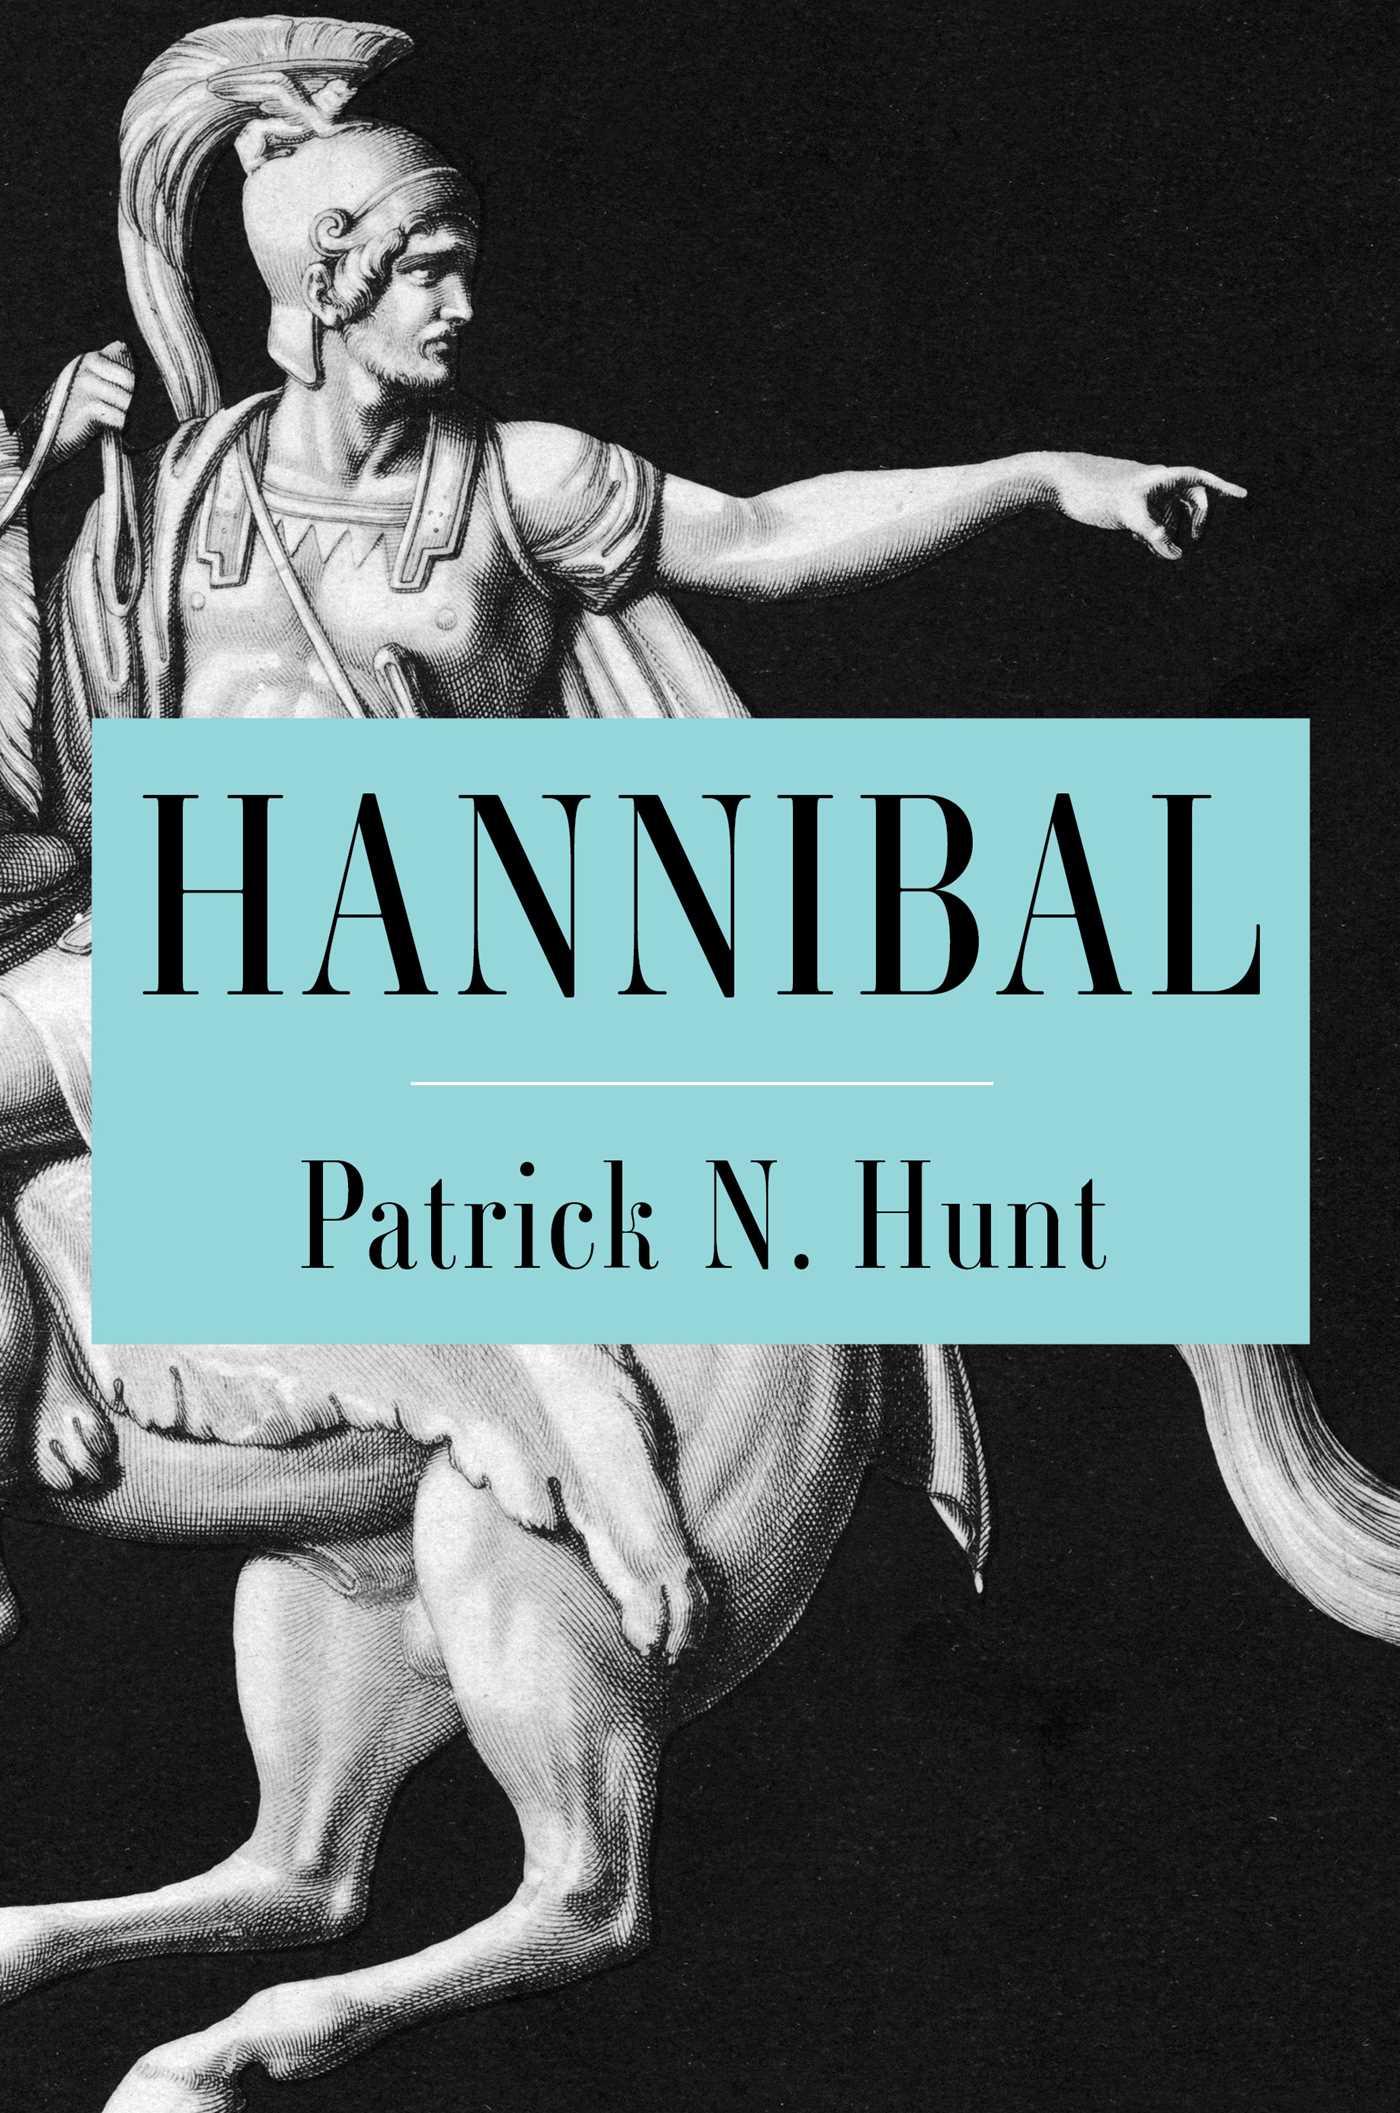 Hannibal 9781439102176 hr